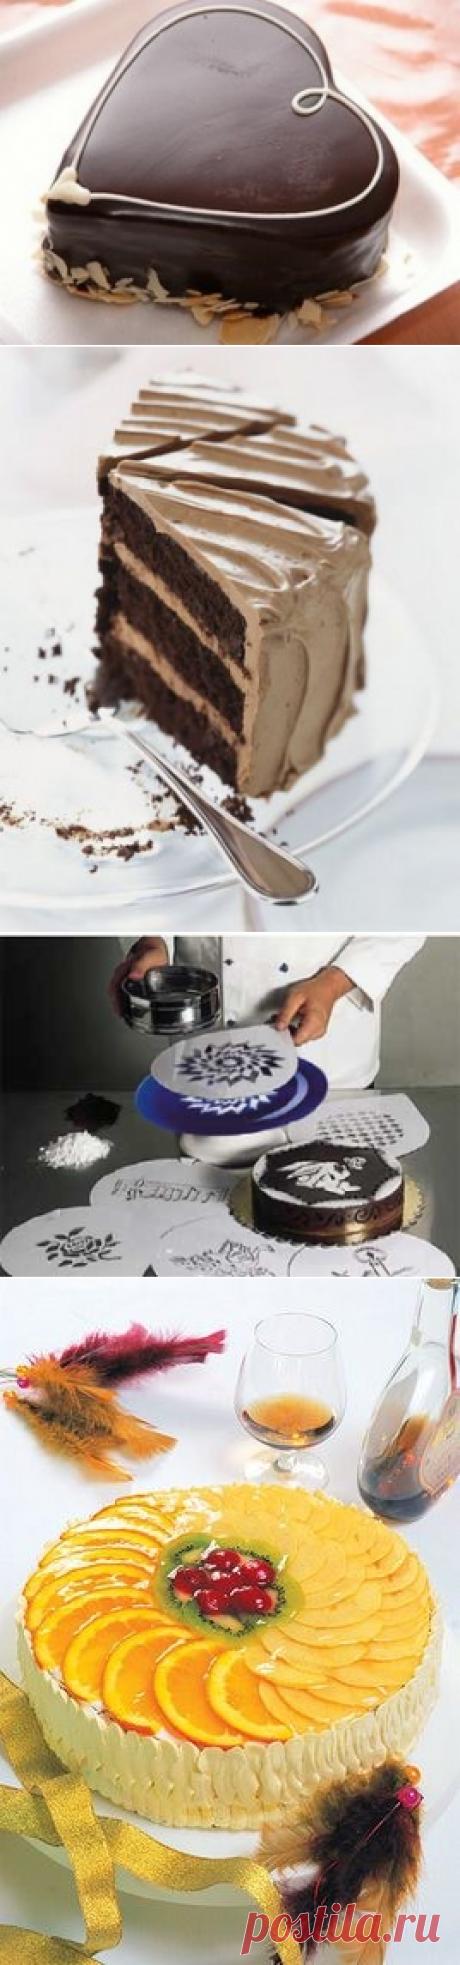 Украшение тортов в домашних условиях - MoiKompas.ru